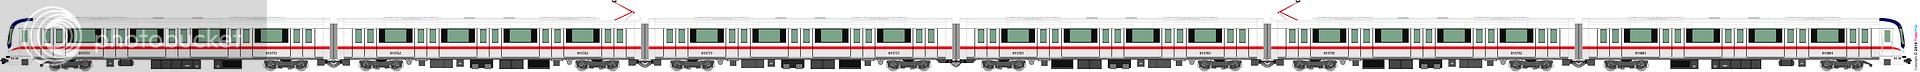 [5227] 上海申通地鐵 2227